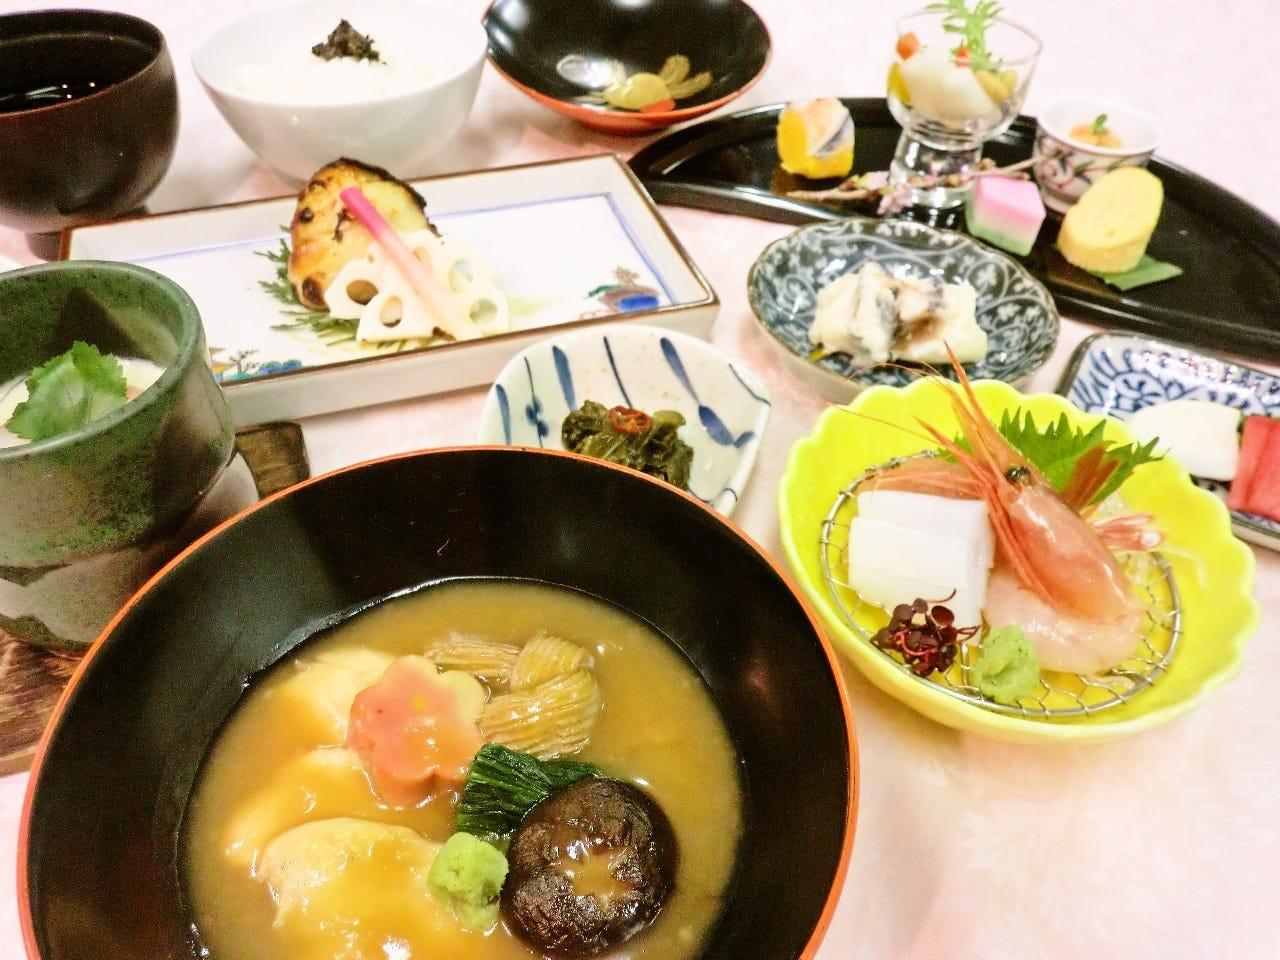 【じわもんのじぶ煮・旬を堪能】~金沢会席膳~ ●食後にデザート・飲み物付 ●接待に最適